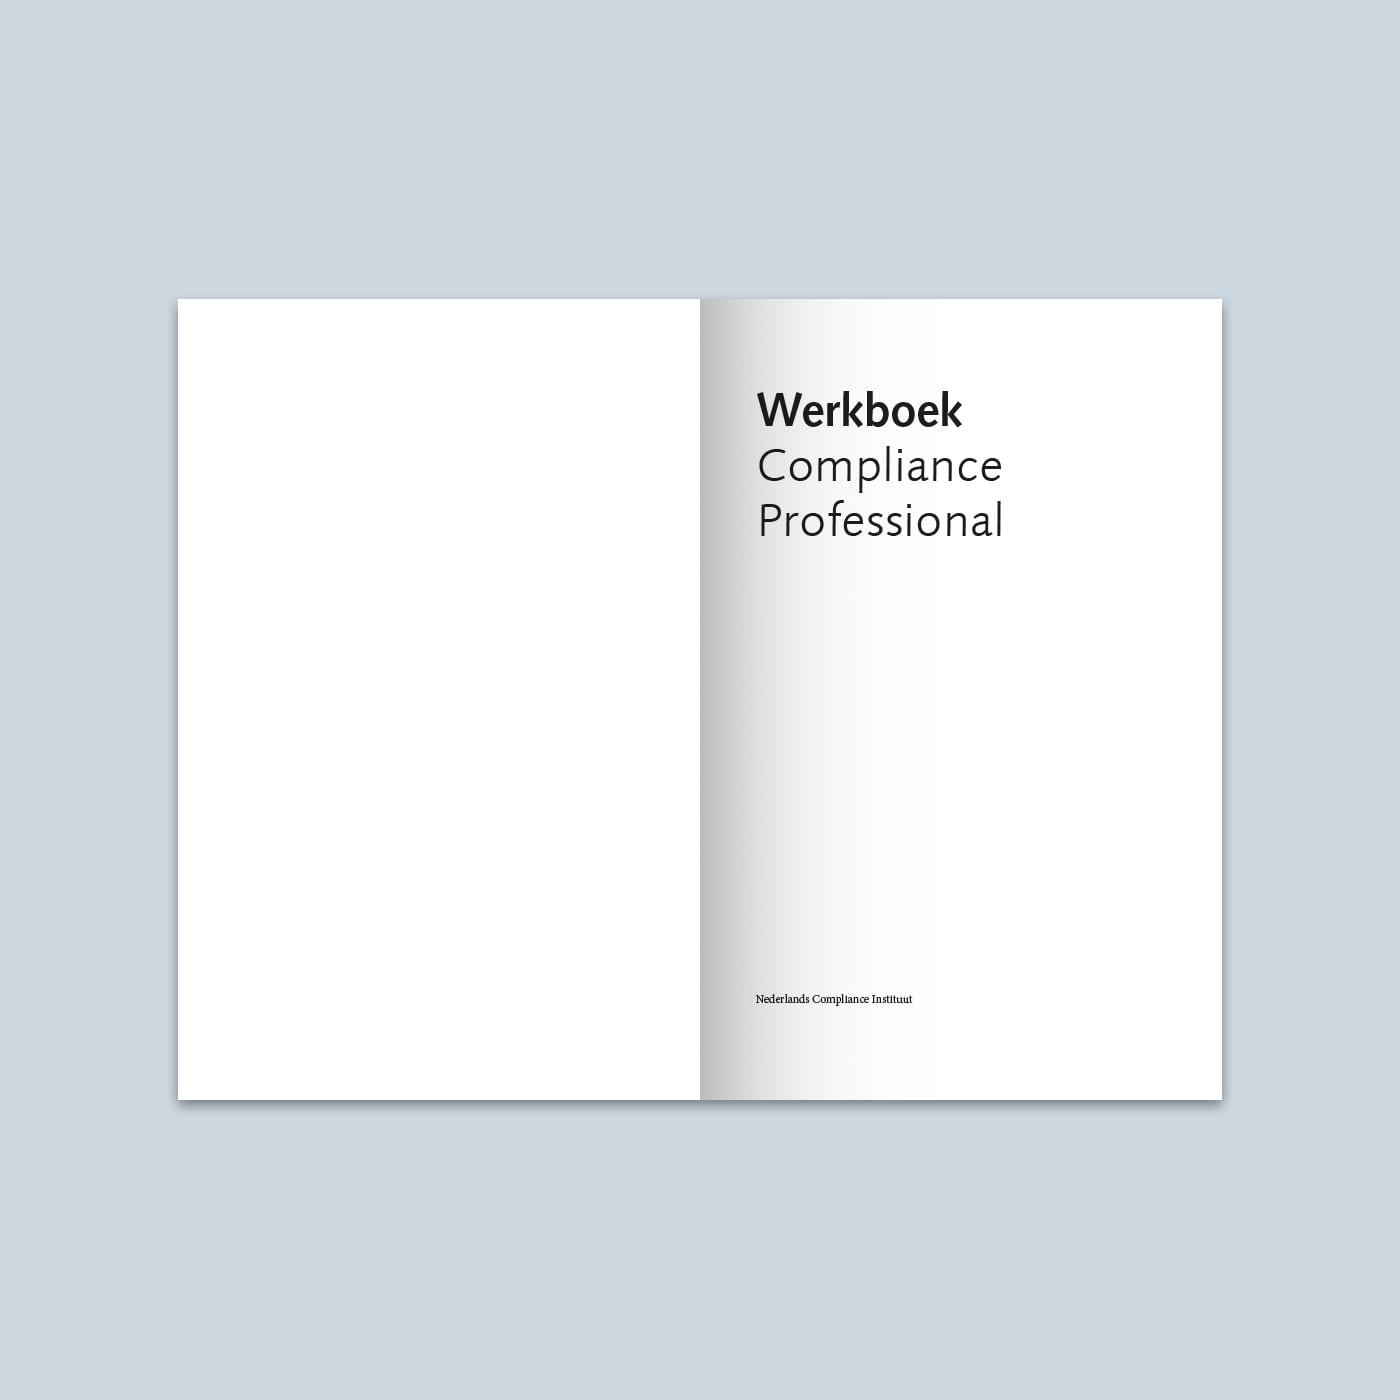 Werkboek Compliance Professional 2011 binnenwerk